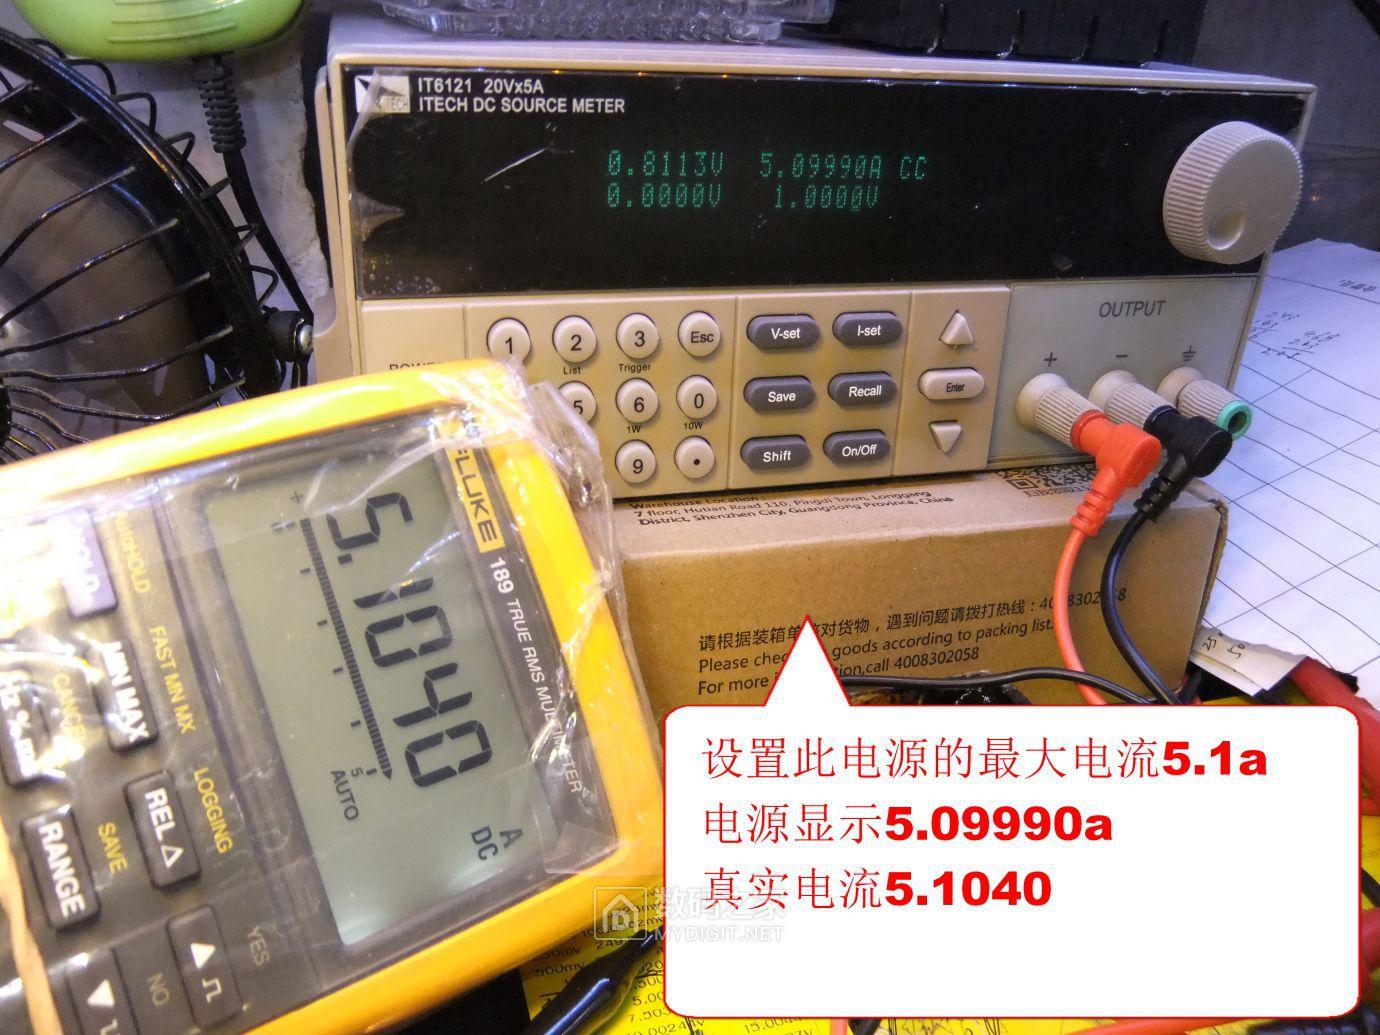 DSCF0524.JPG